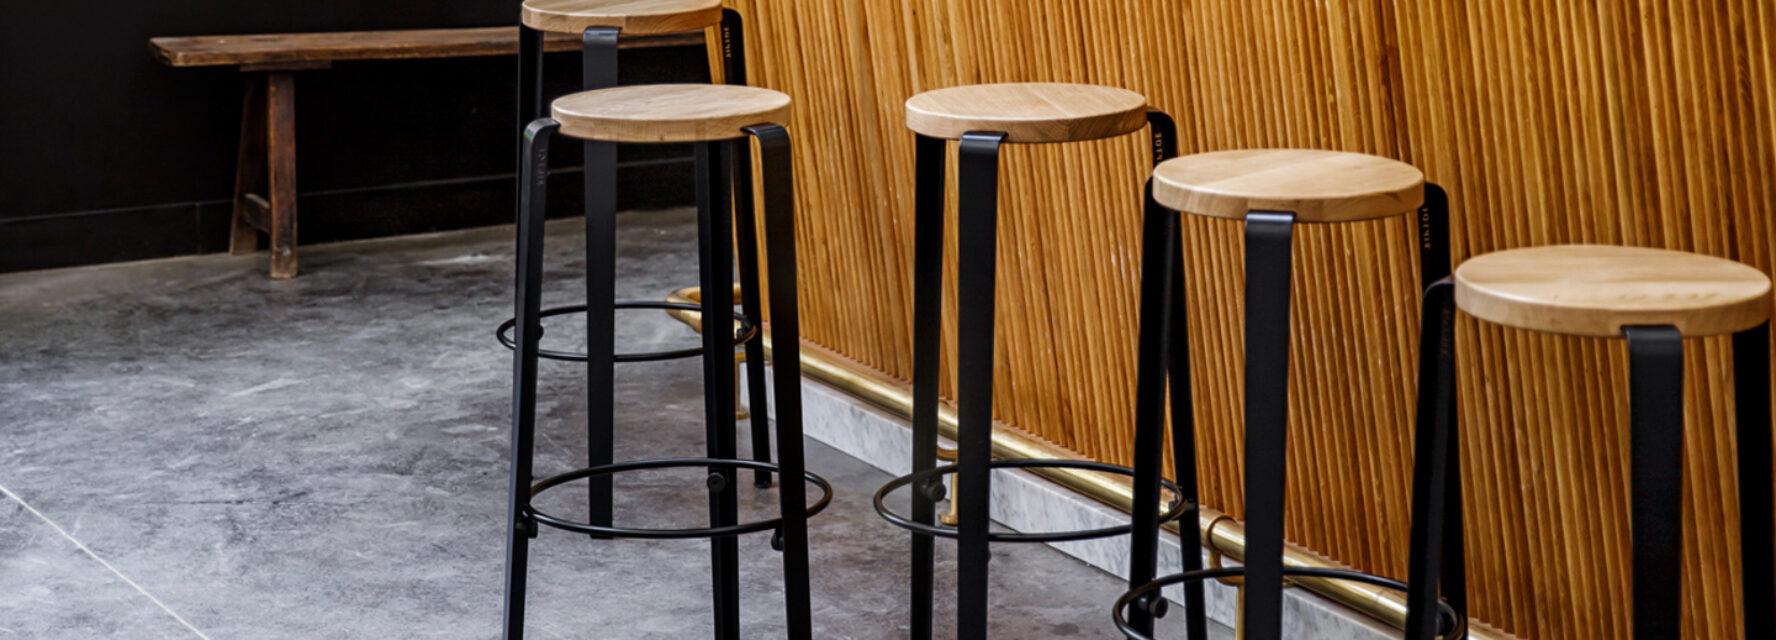 Bar stools - TIPTOE